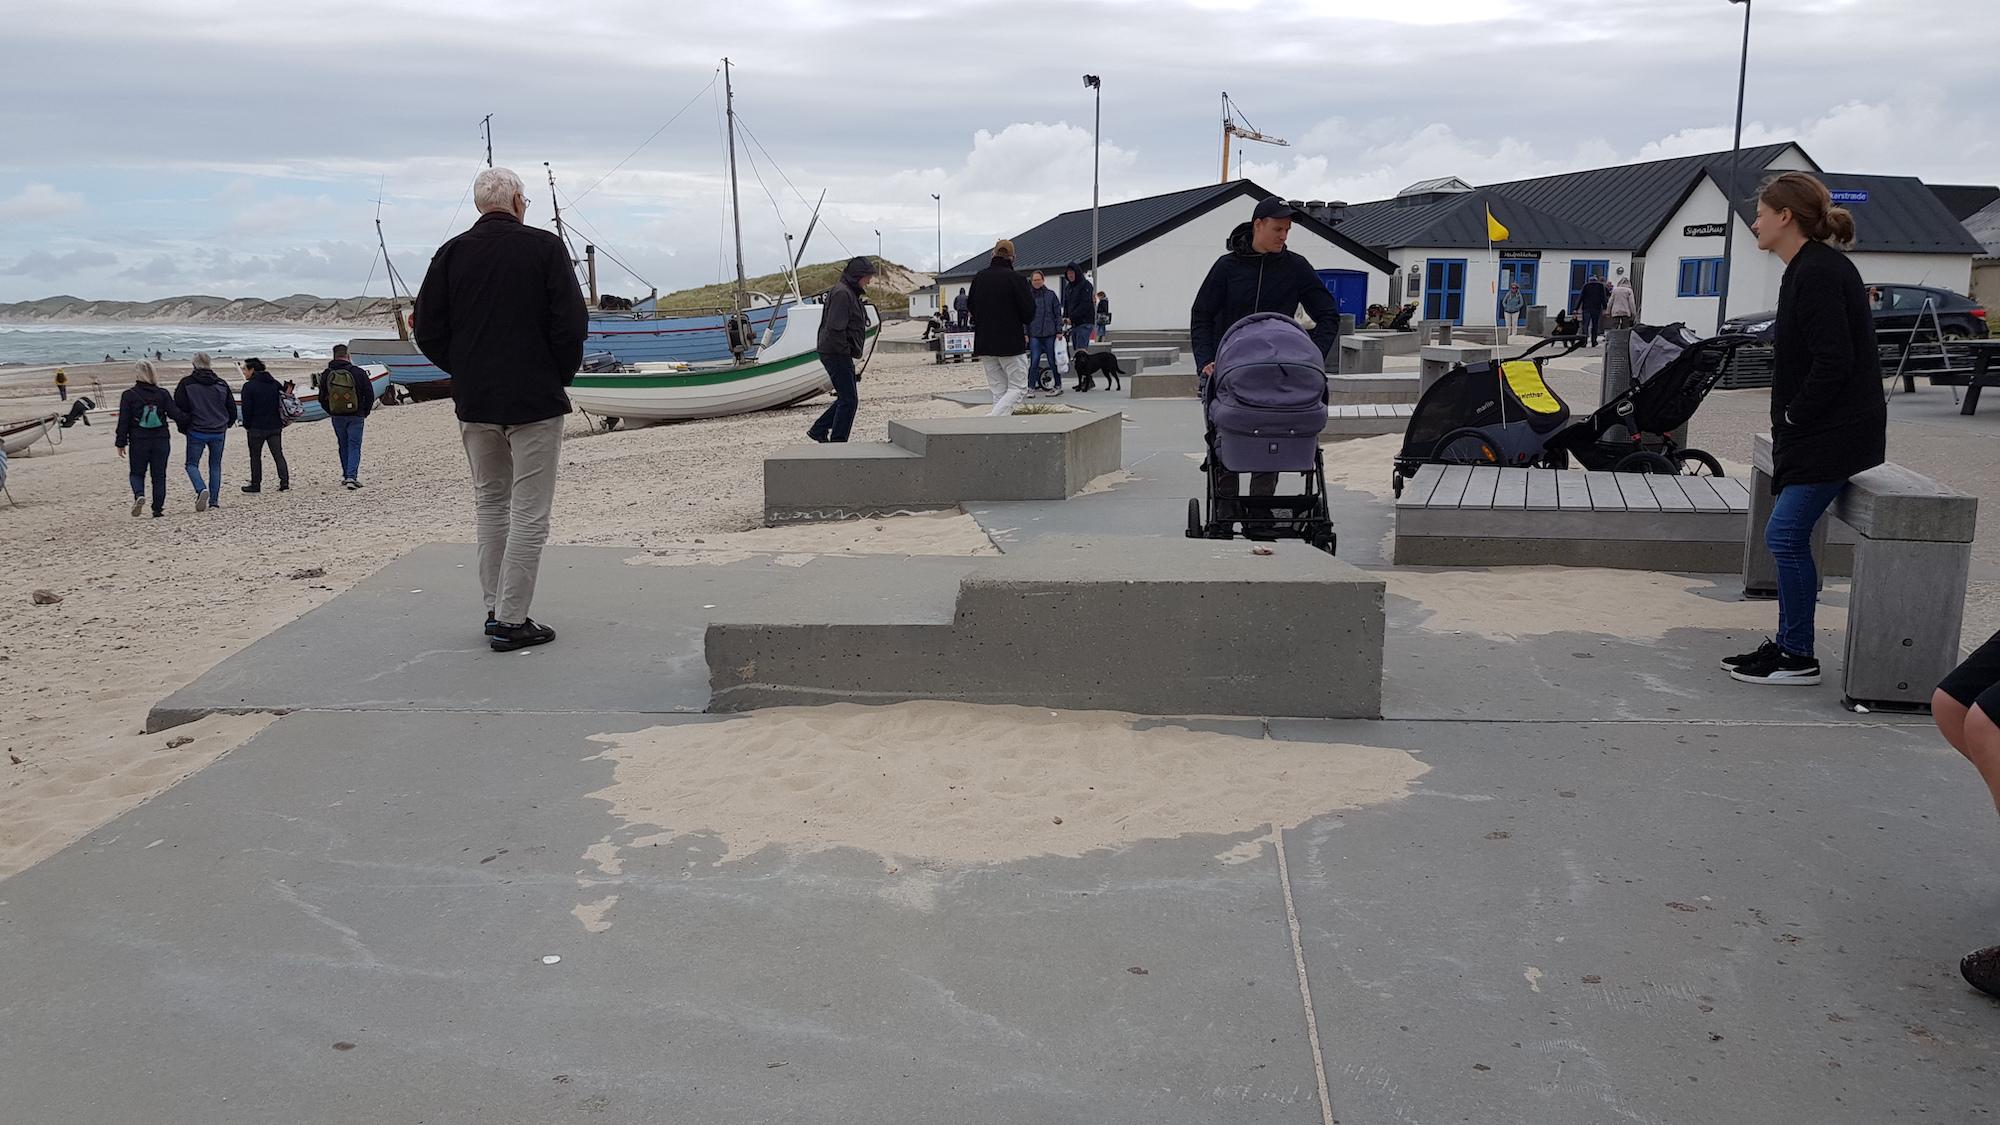 Strand med fiskerbåde og huse samt gående i baggrund. Fast sti i forgrund hvor mand skubber barnevogn, og kvinde står ved bænk. To cykelvogne står parkeret på sti.